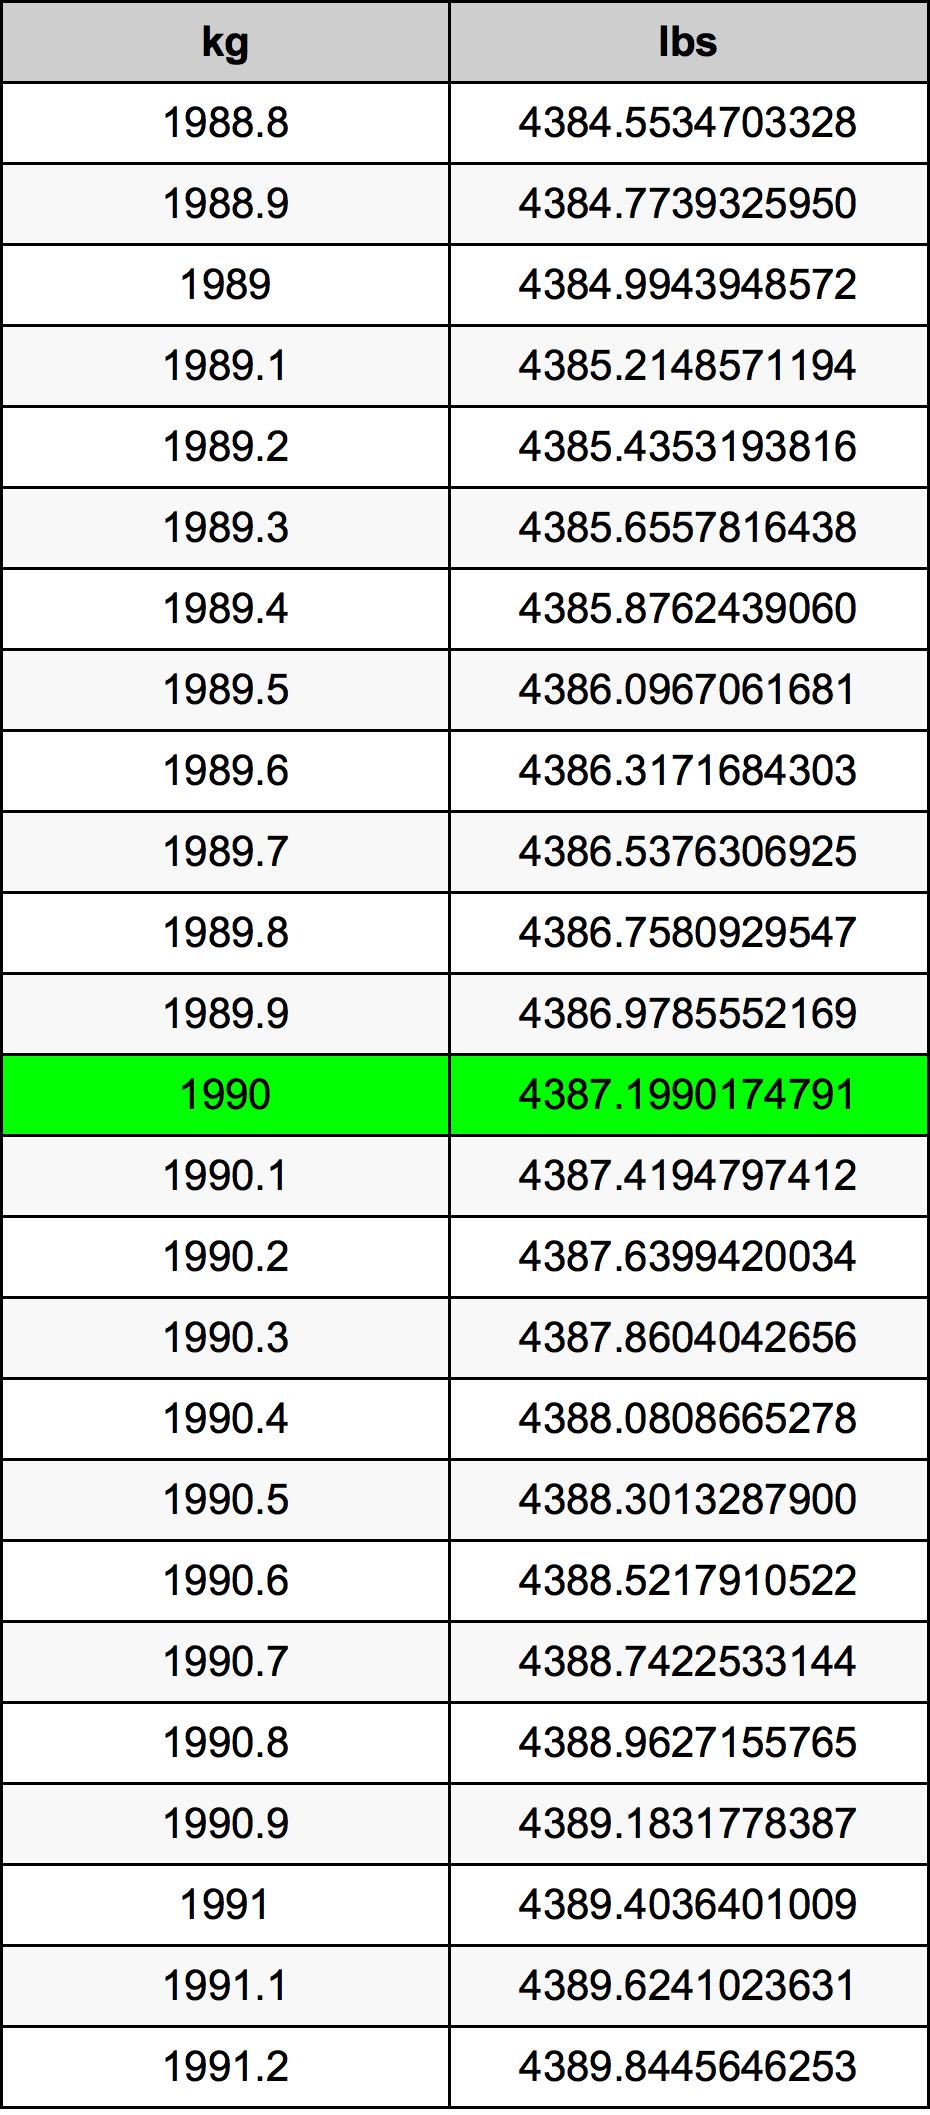 1990 Kilogram Table